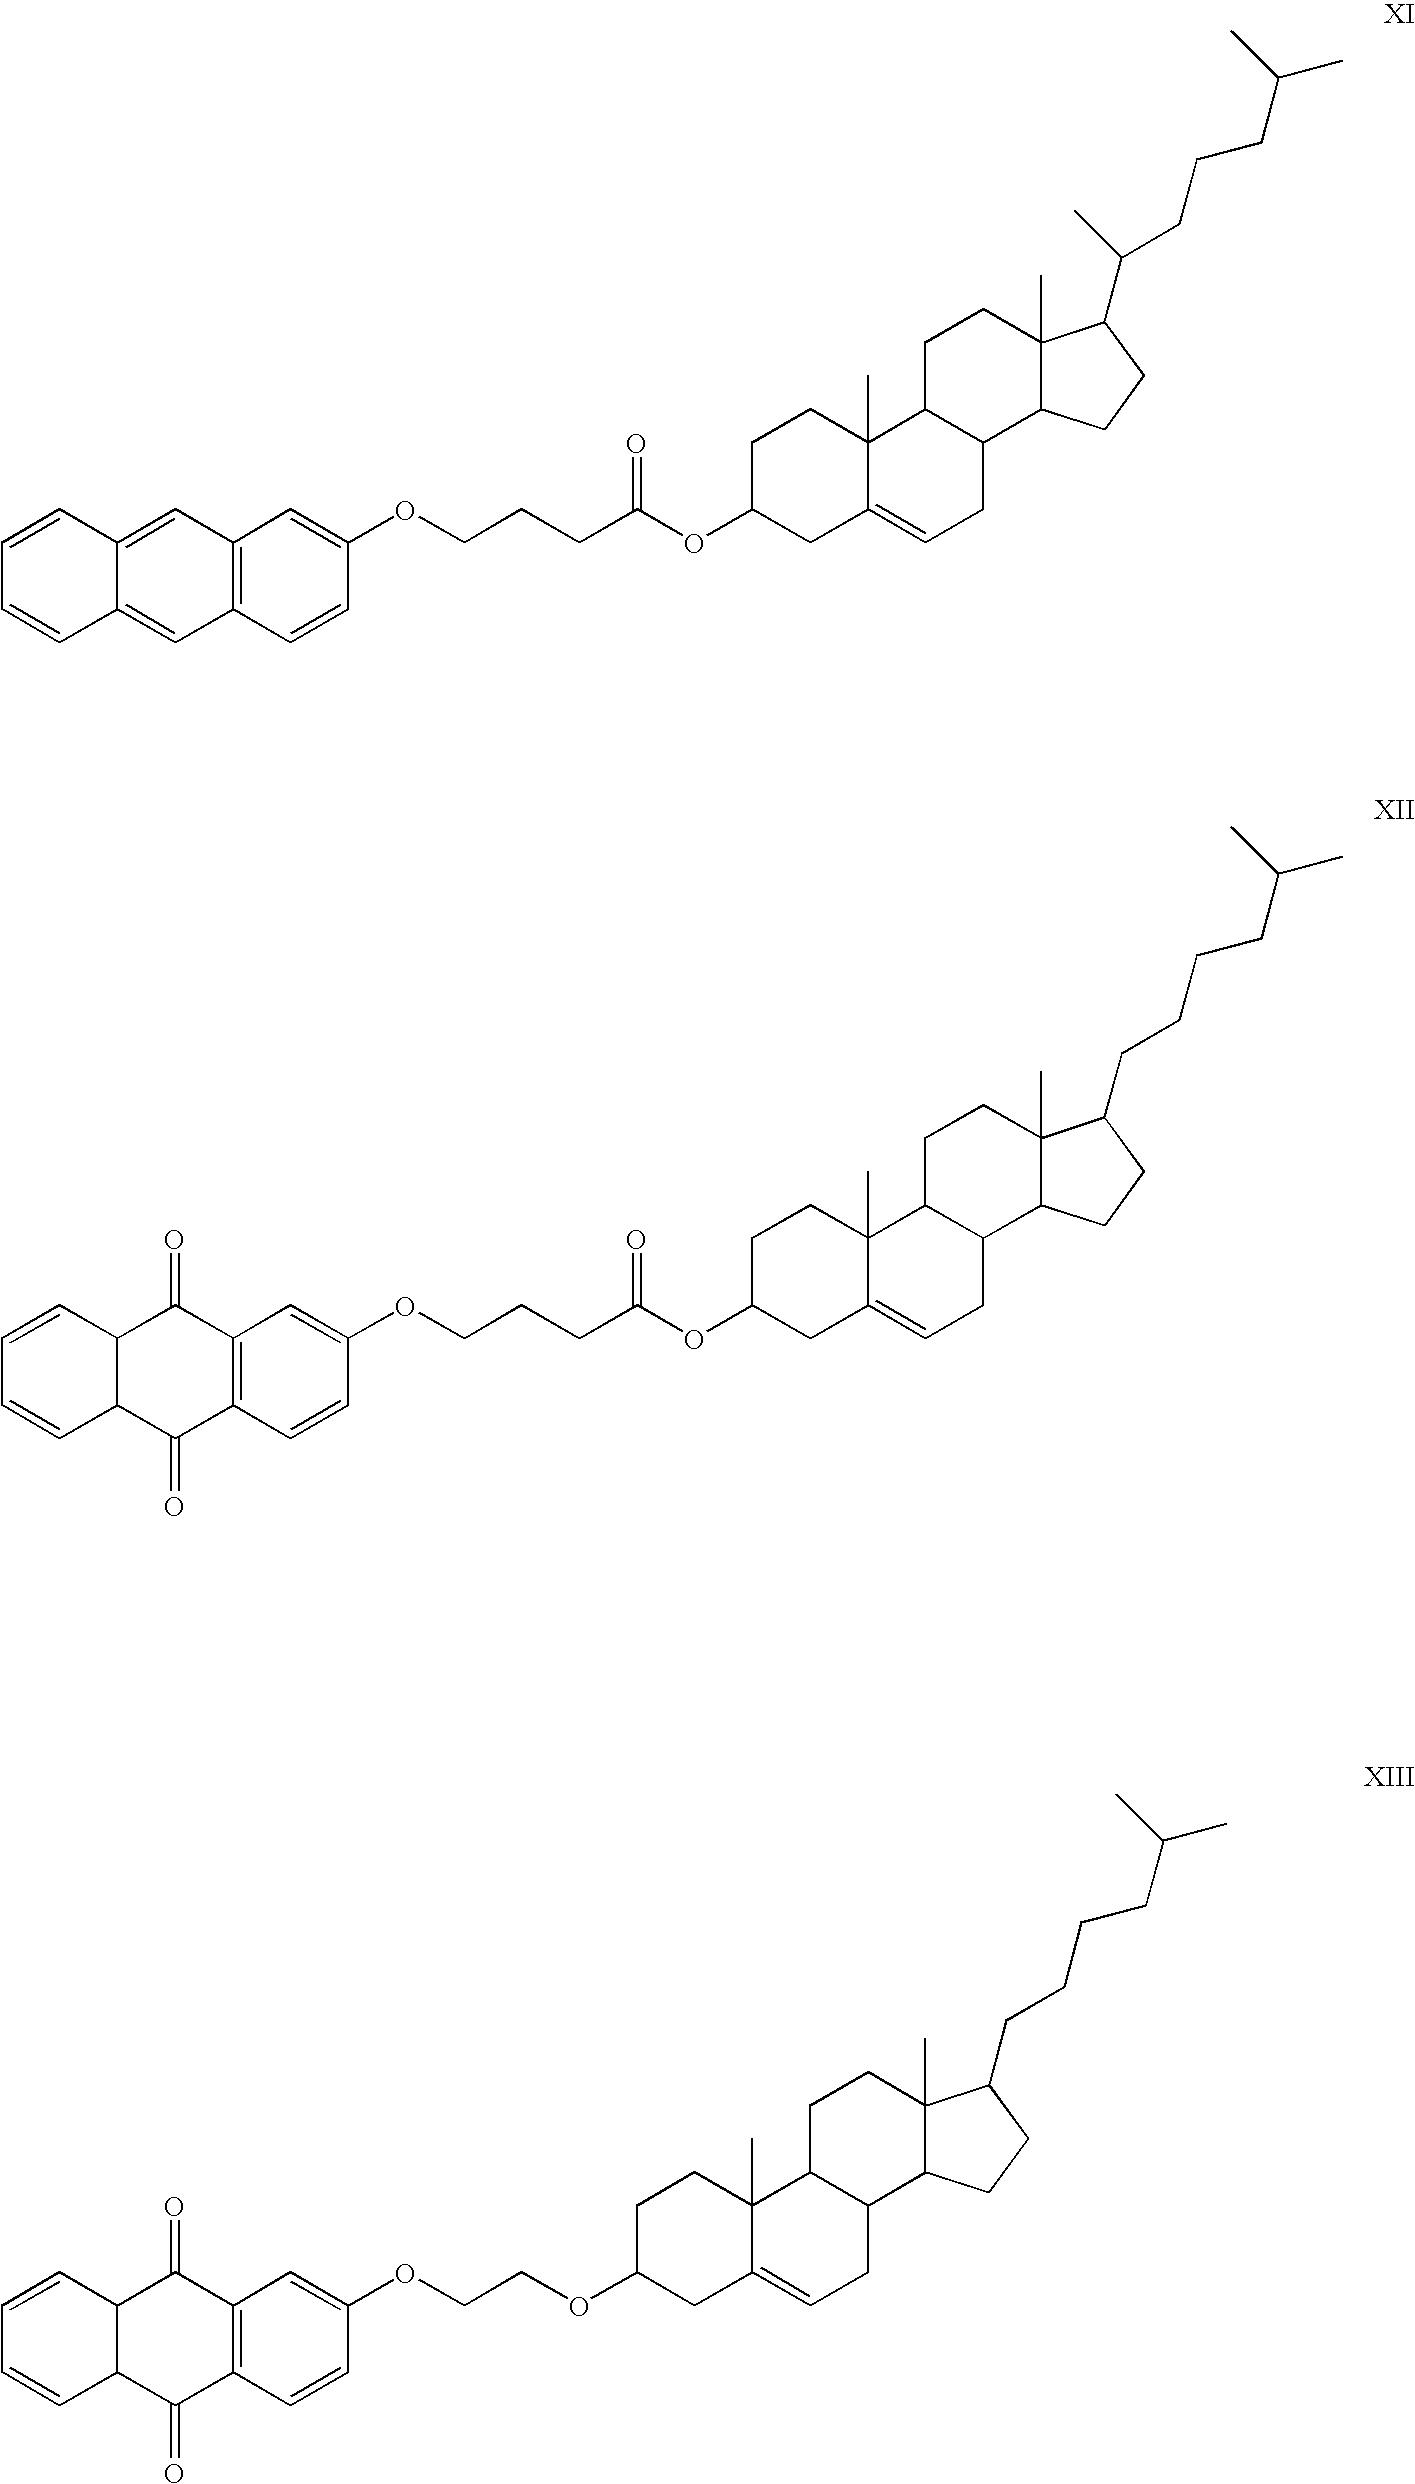 Figure US08445558-20130521-C00008